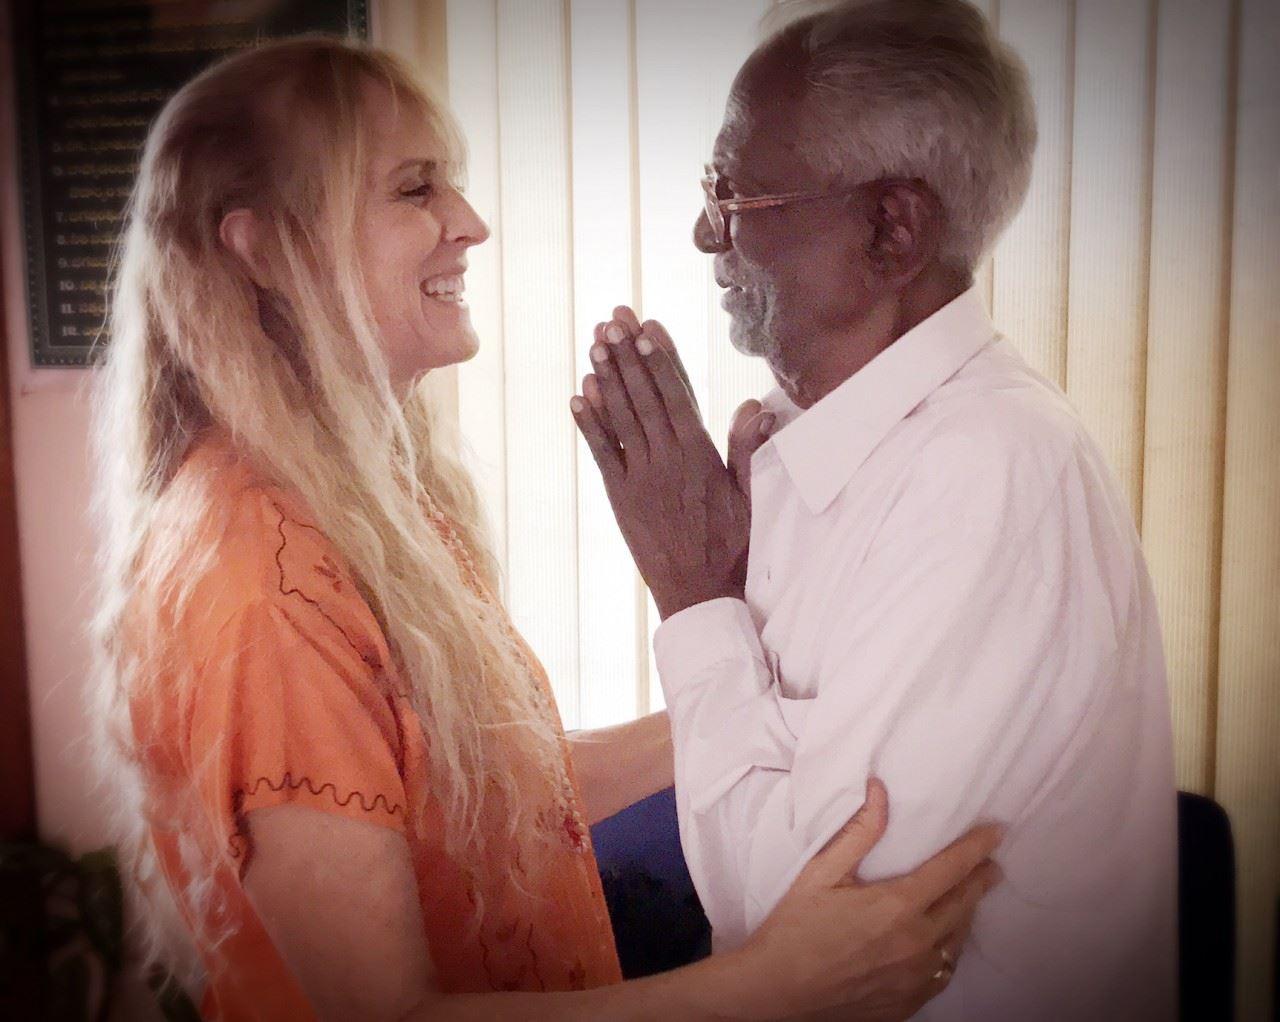 R K Swami and KALIJI